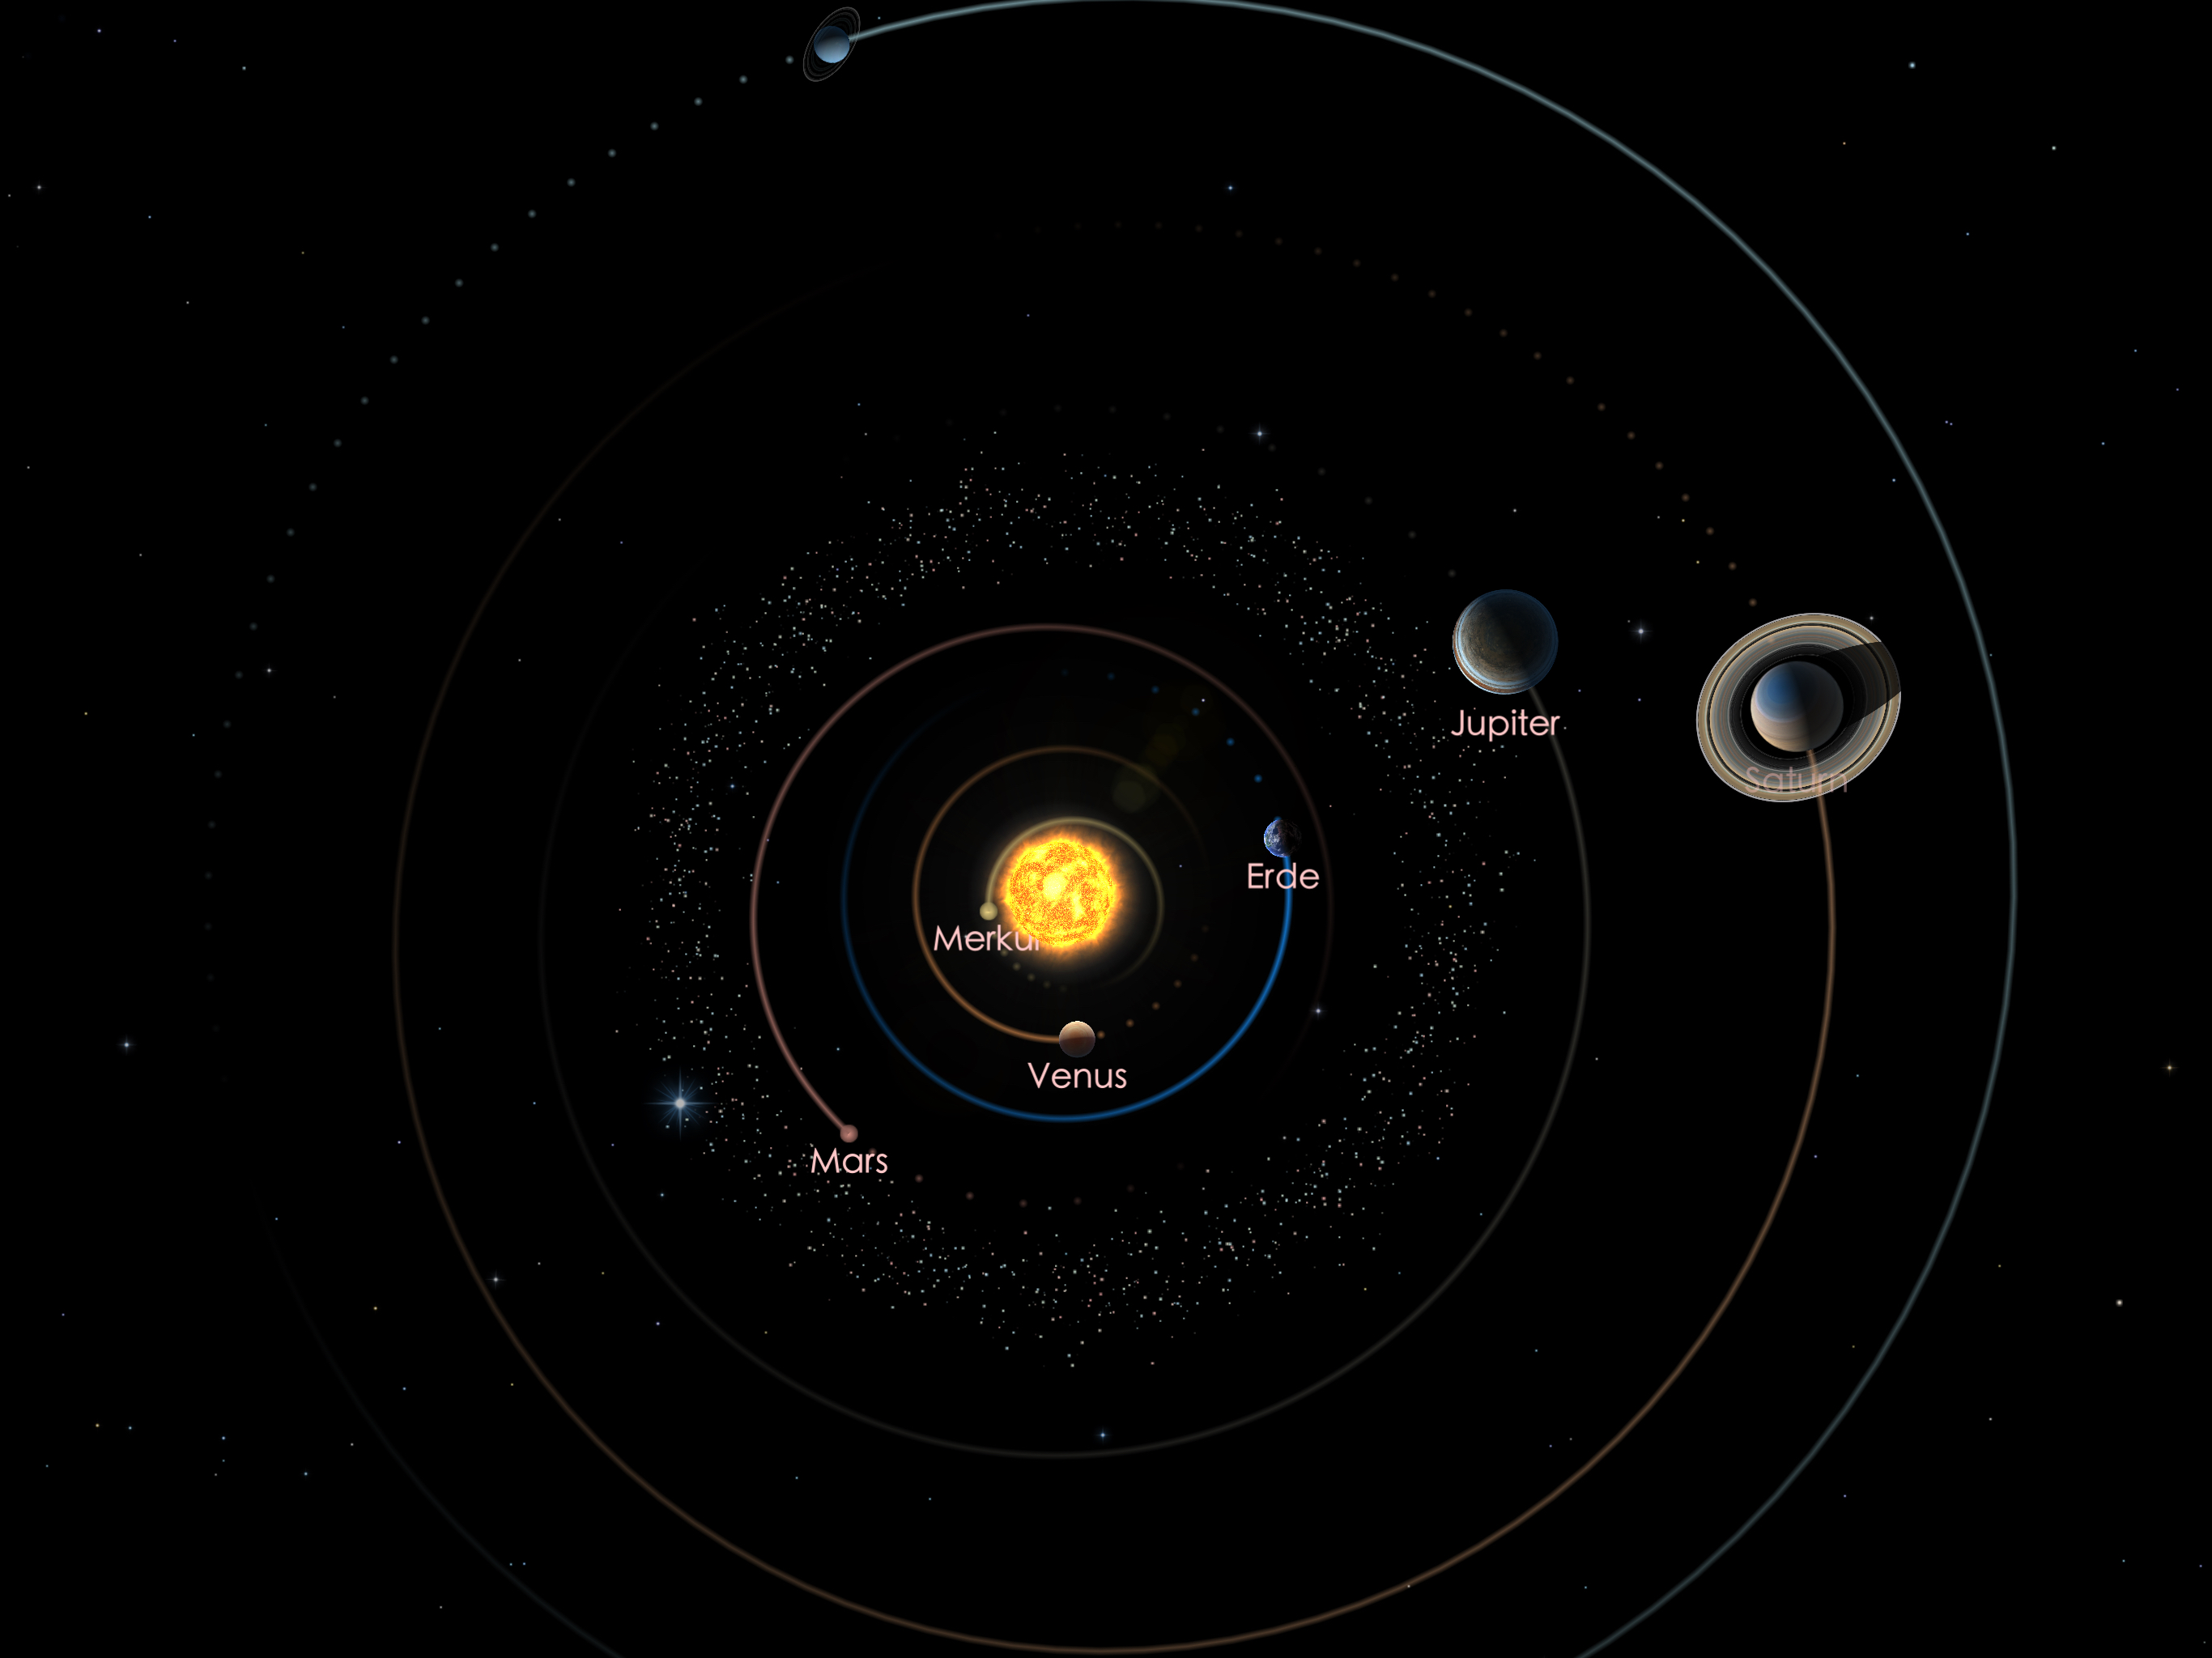 Die Positionen von Jupiter und Saturn am 01.08.21